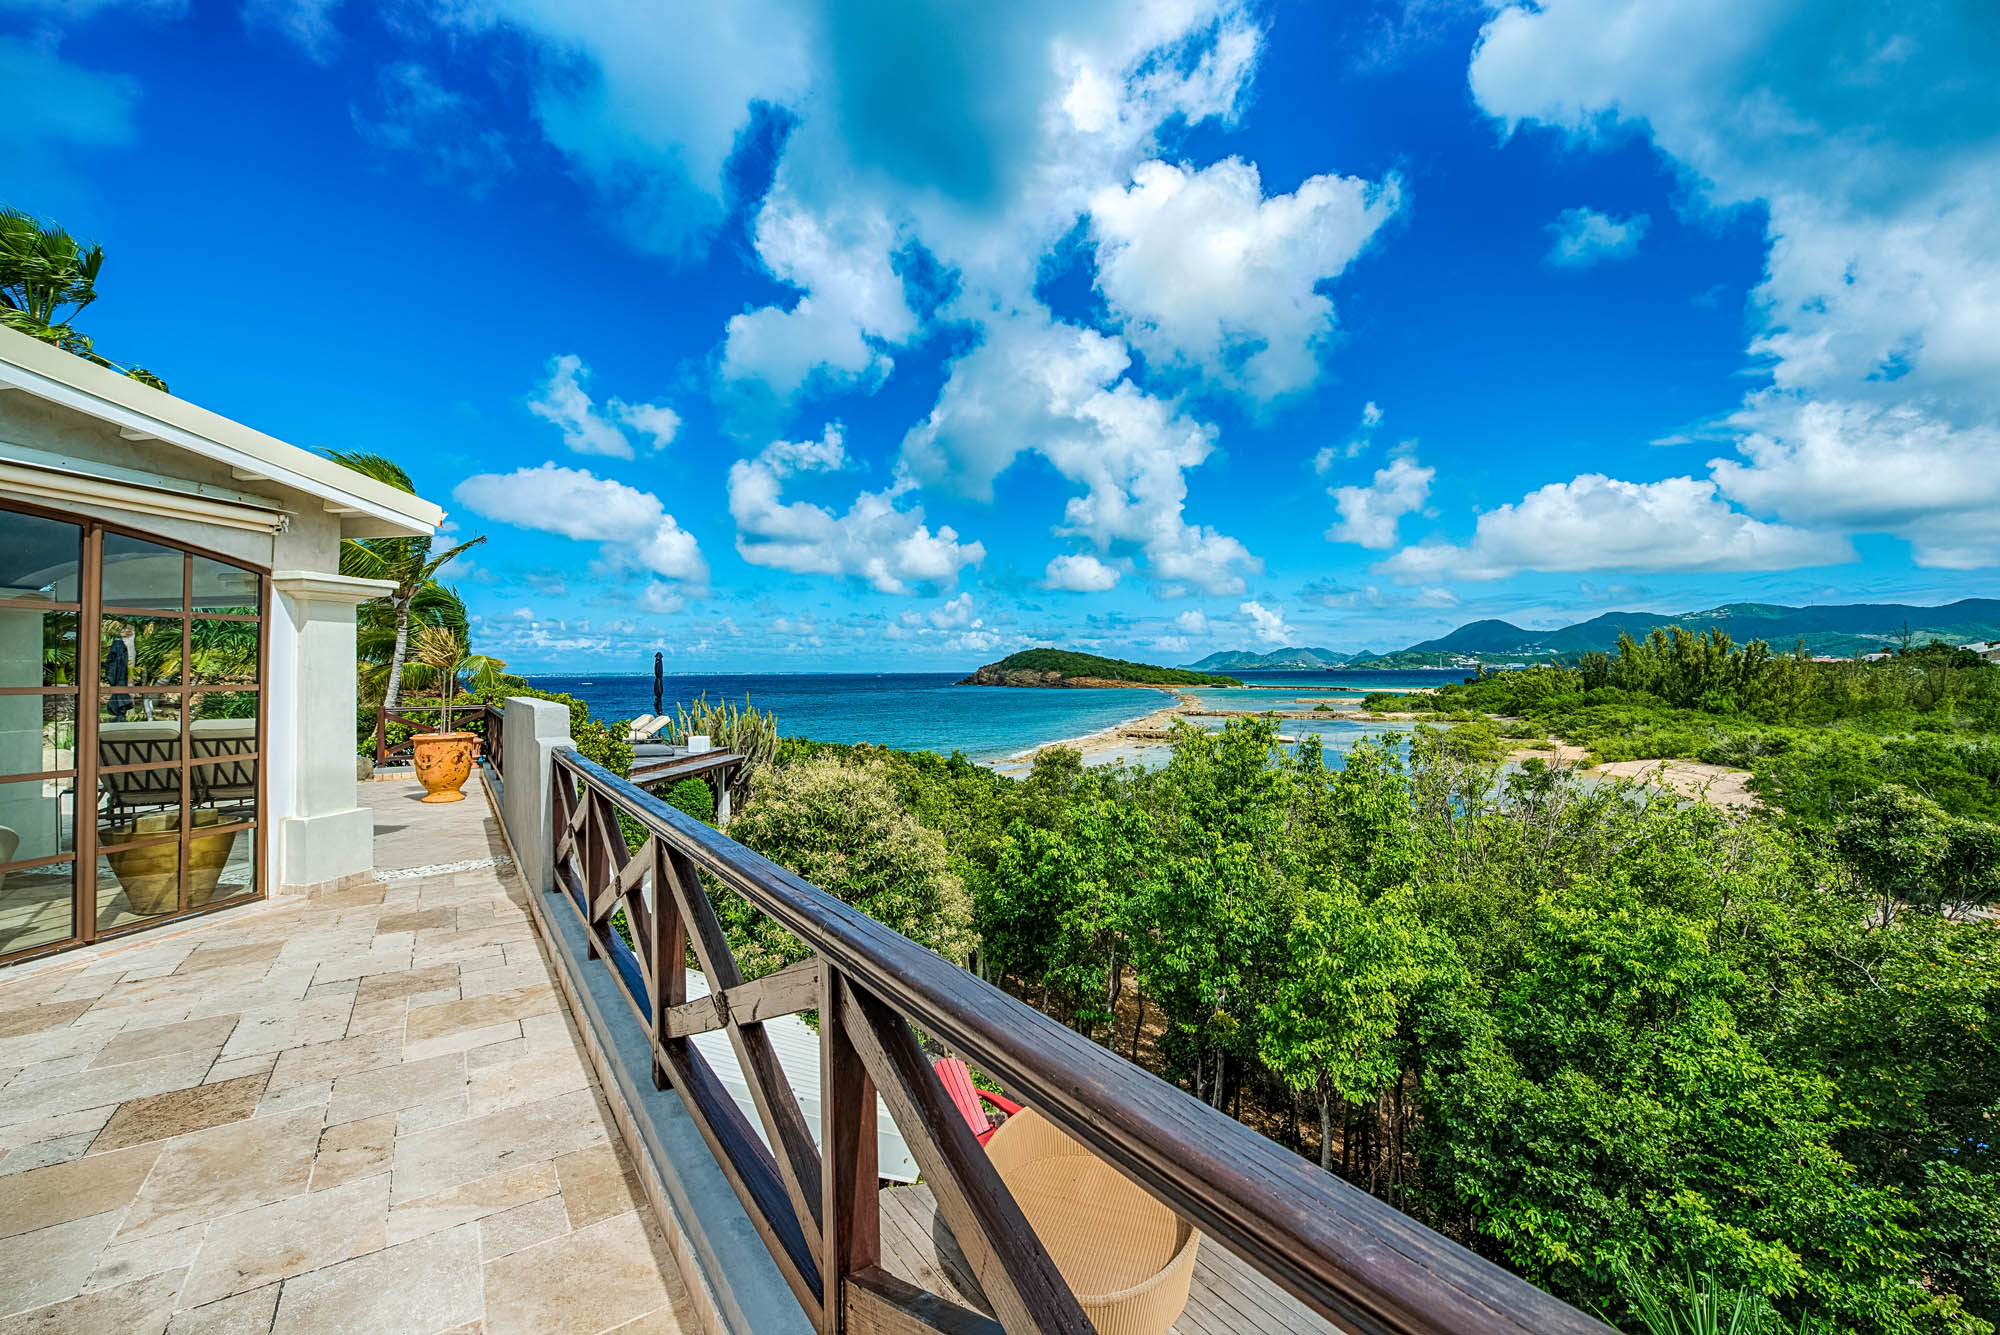 Le Mas des Sables, Baie aux Cayes, Terres-Basses, offers spectacular ocean views.